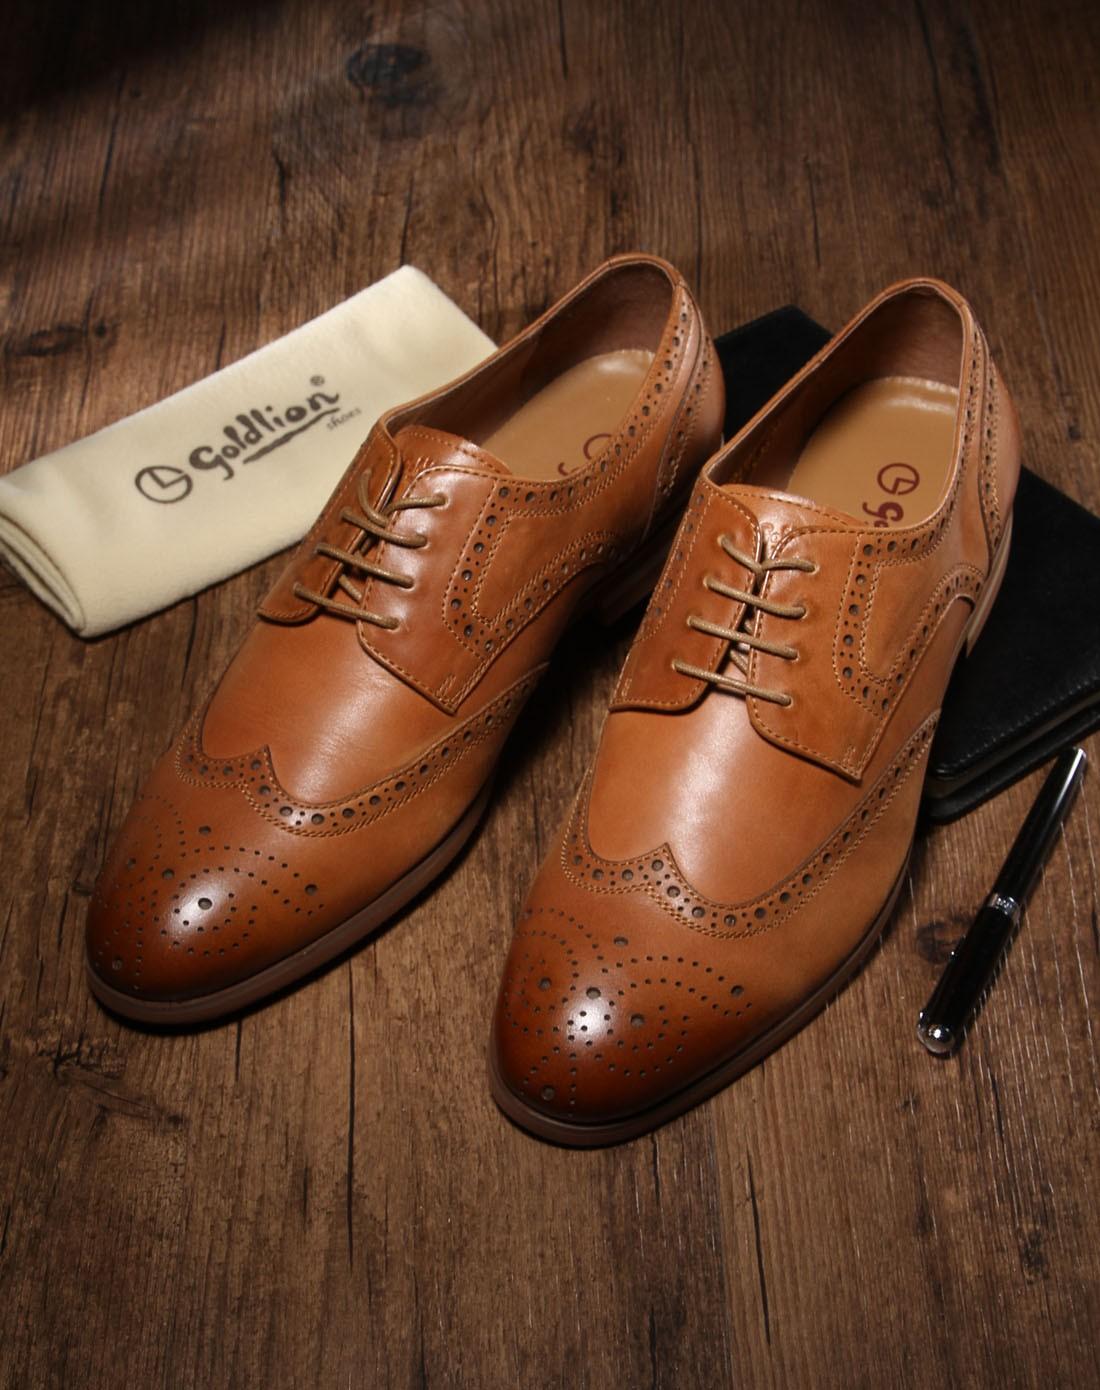 浅棕色牛皮布洛克纹时尚休闲皮鞋